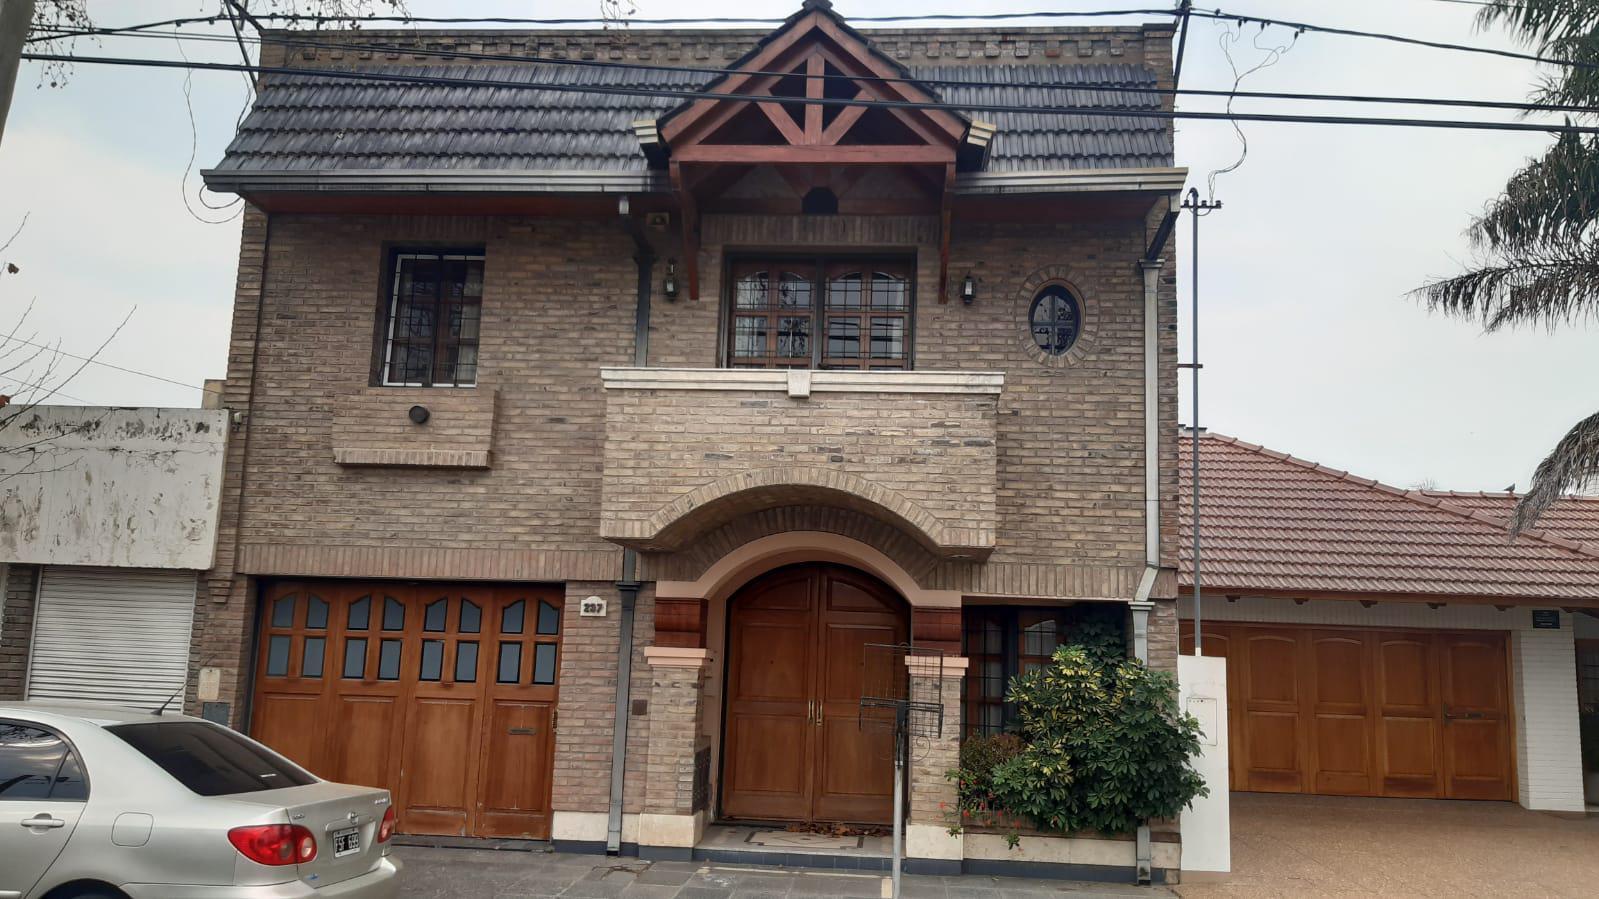 Intendente Gimenez 237 - Gaggiotti Inmobiliaria cuenta con más de 50 años desde que se inicio en el negocio de los servicios inmobiliarios.